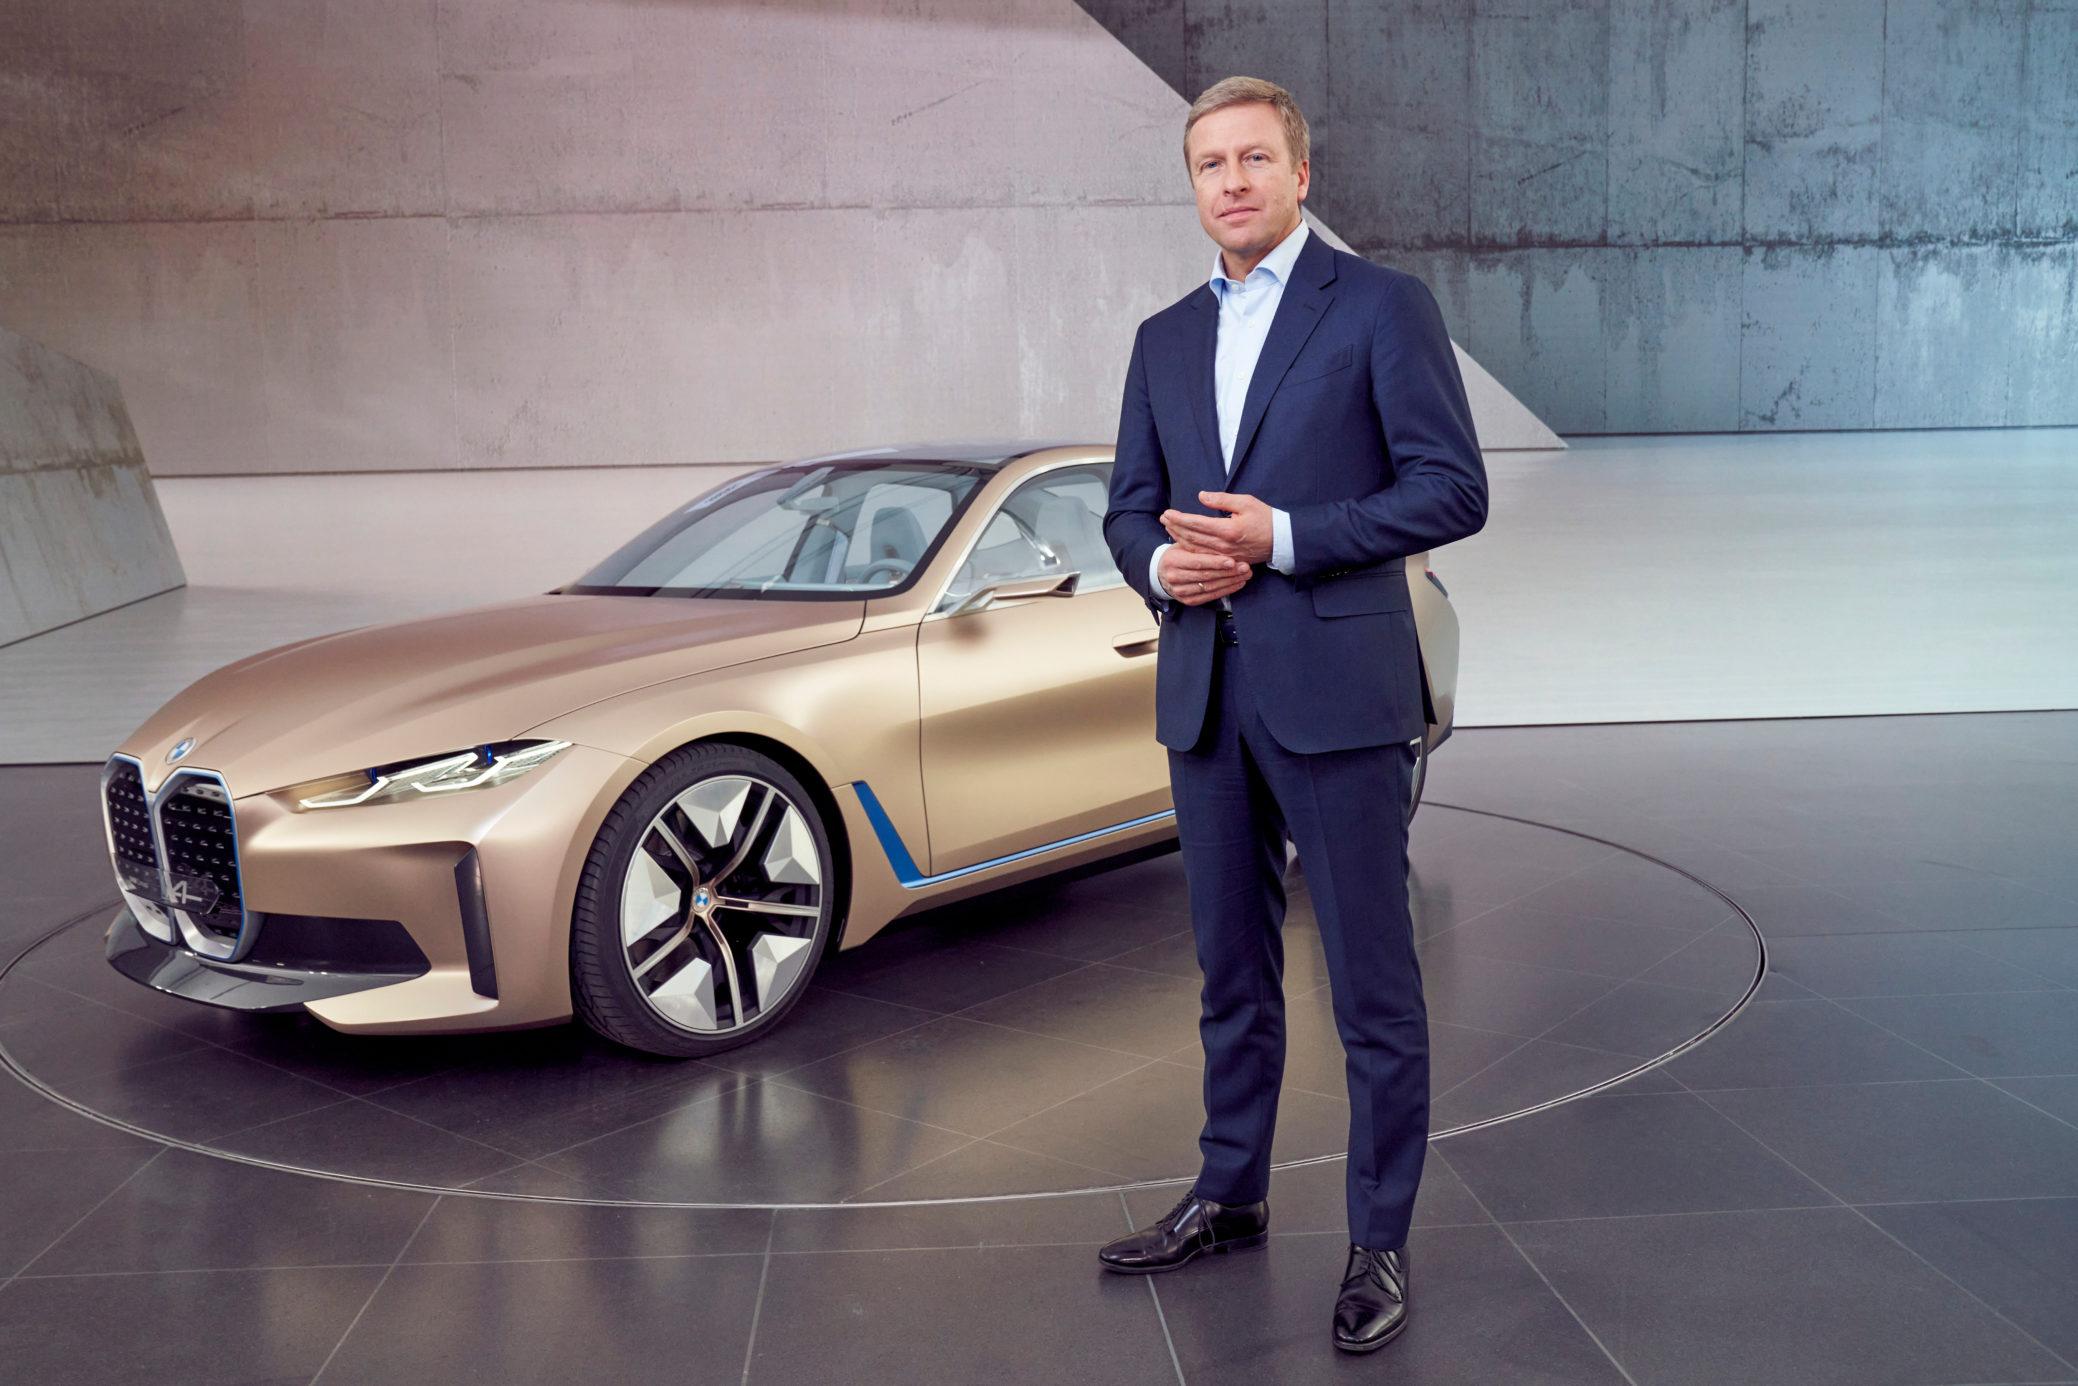 BMW Concept i4 com Oliver Zipse, CEO da marca